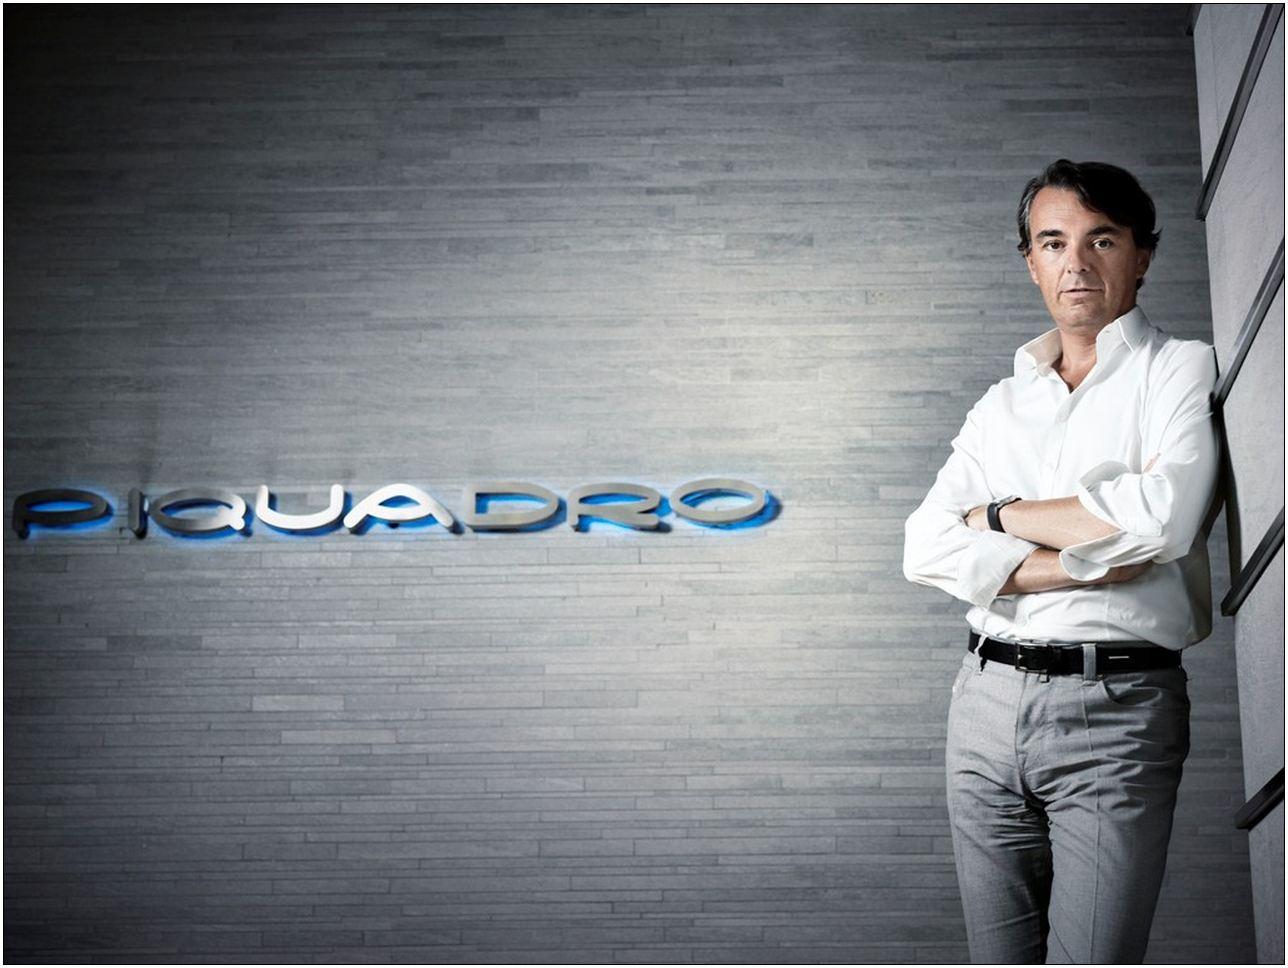 Компания Piquadro